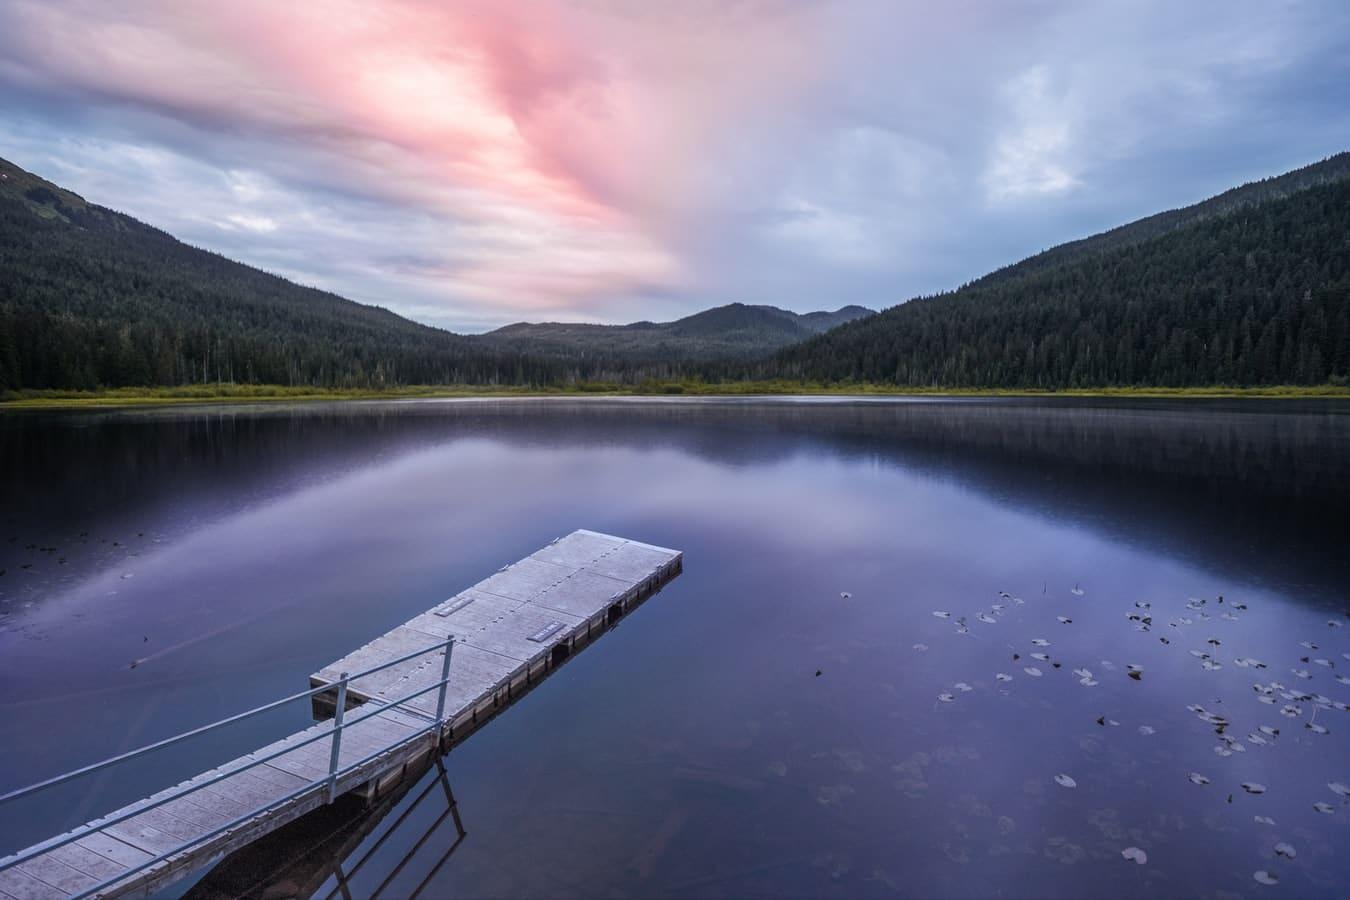 Verenigde-staten-alaska-juneau-meer